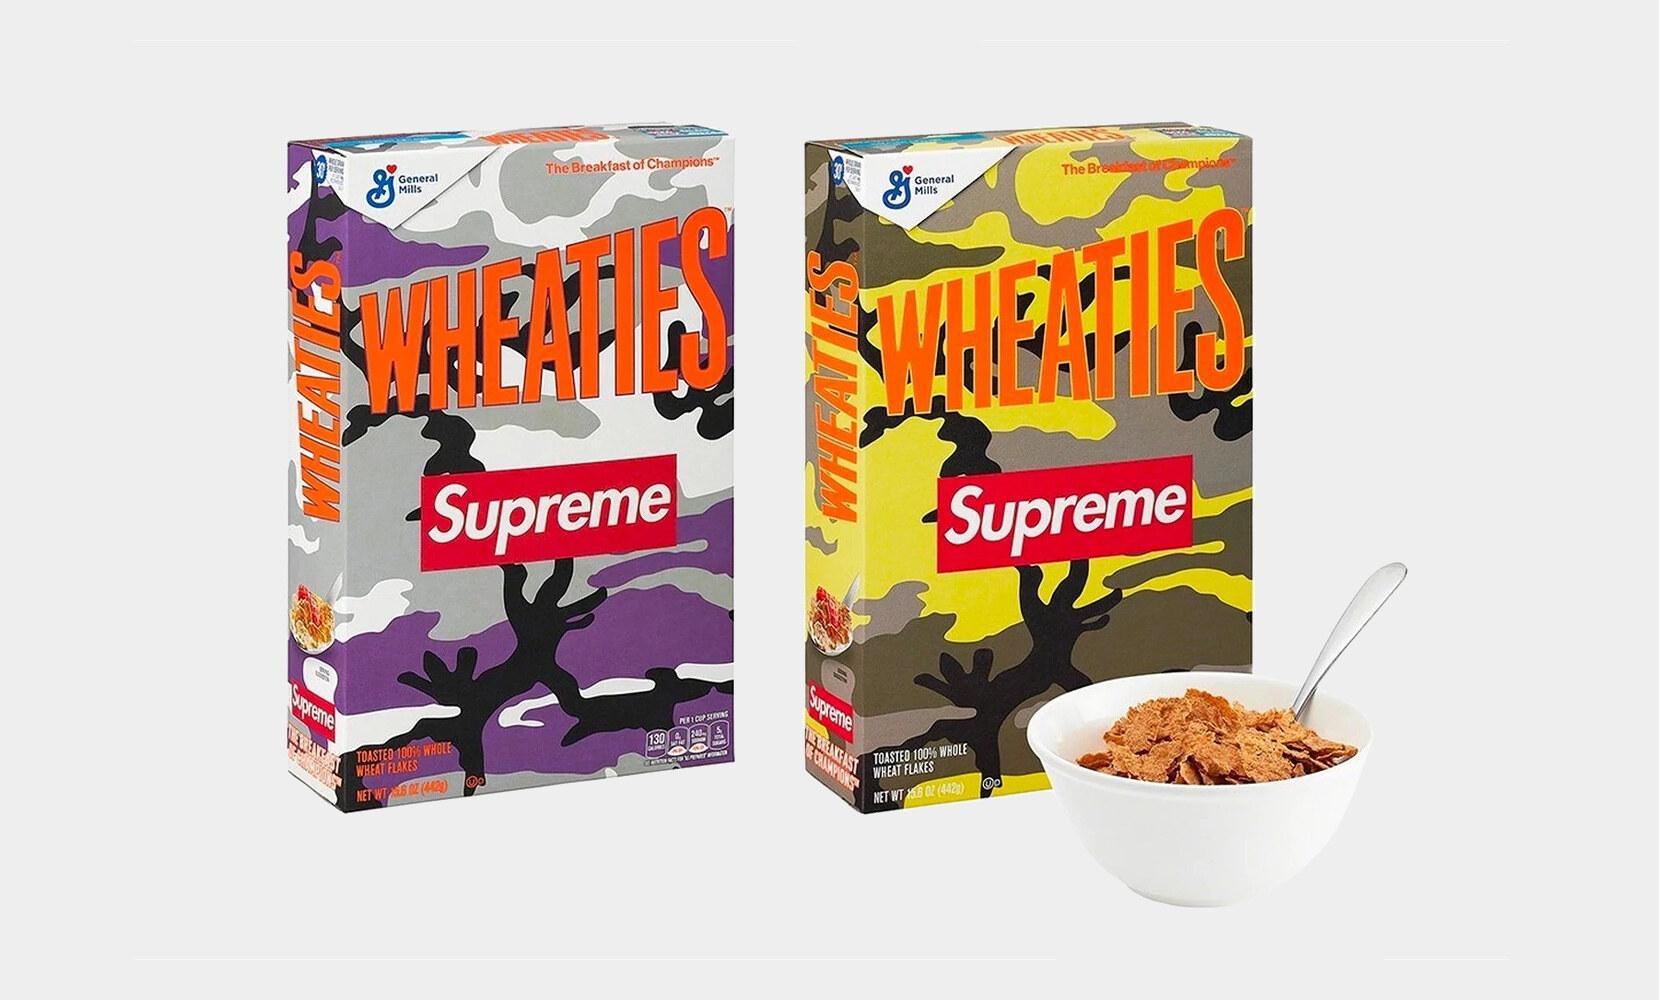 Supreme x Wheaties SS21